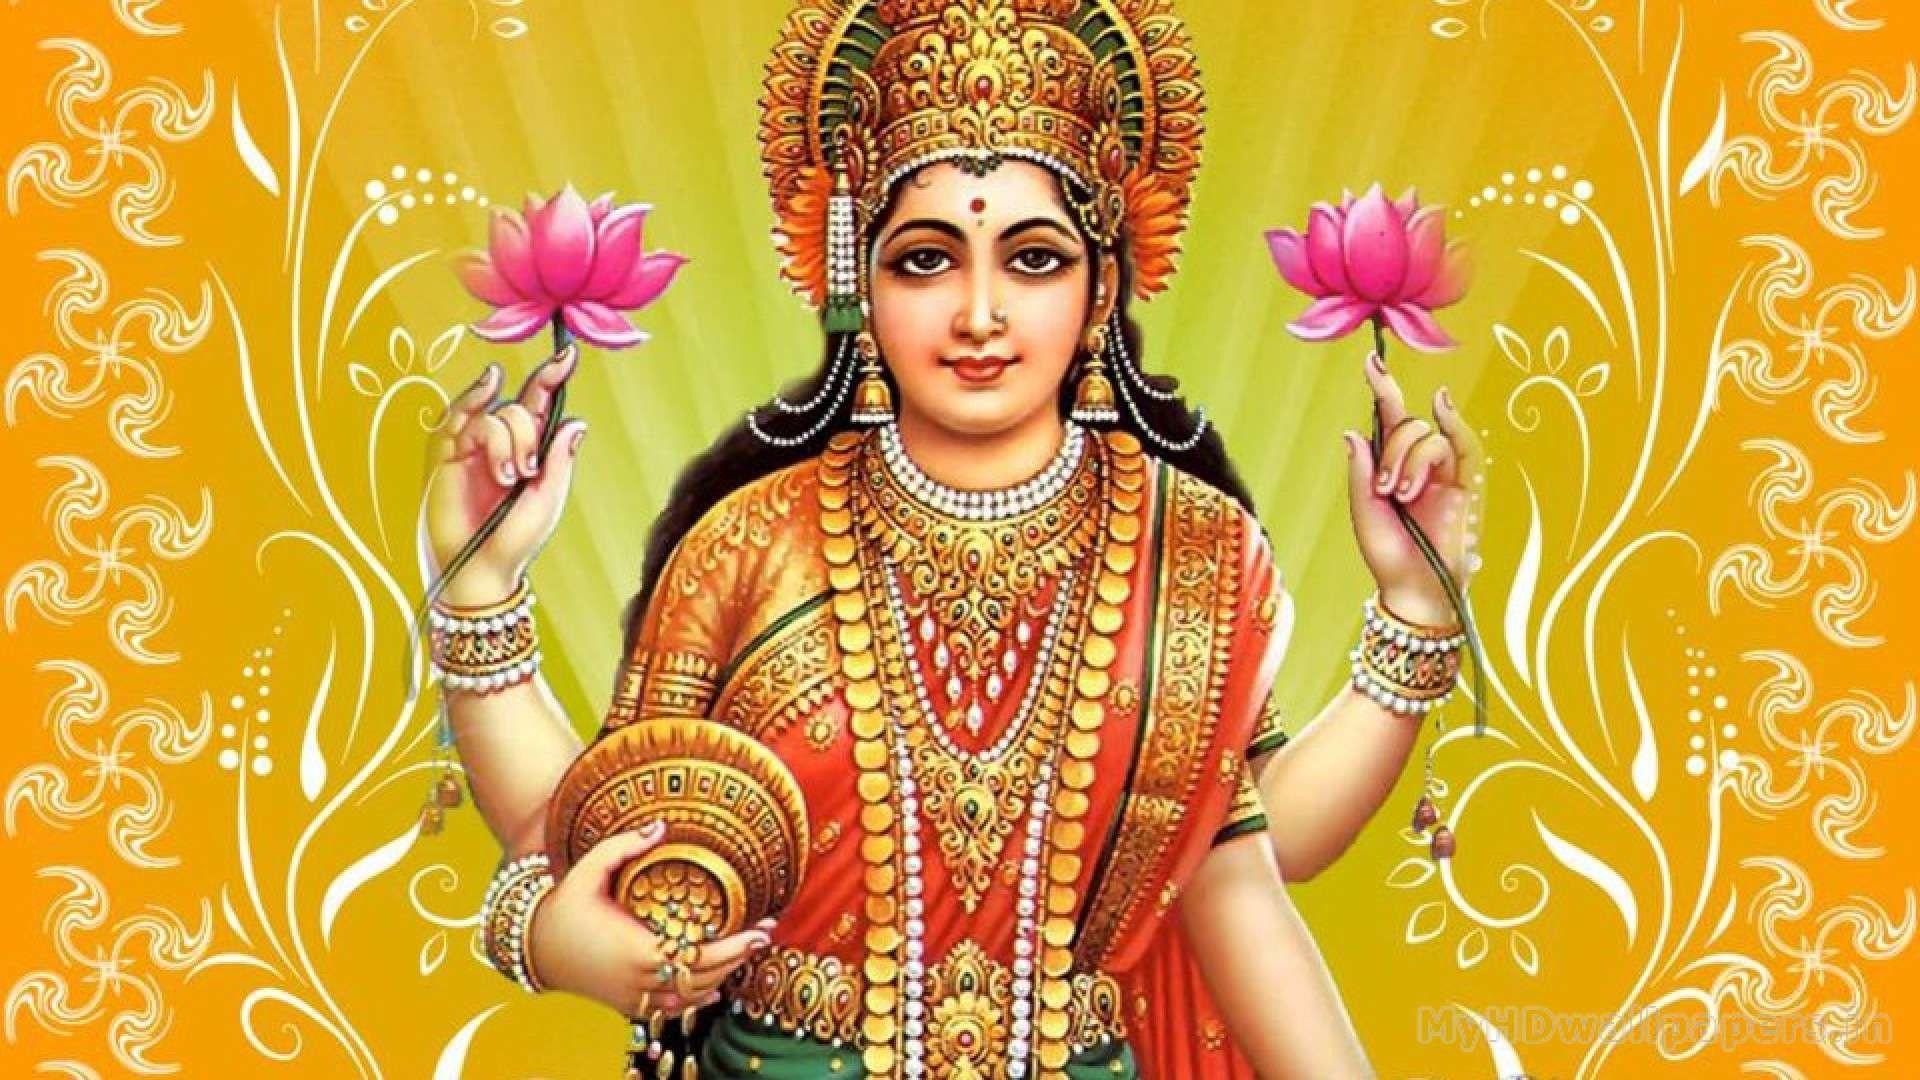 1920x1080 Wallpaper For Desktop God Hindu God Hd